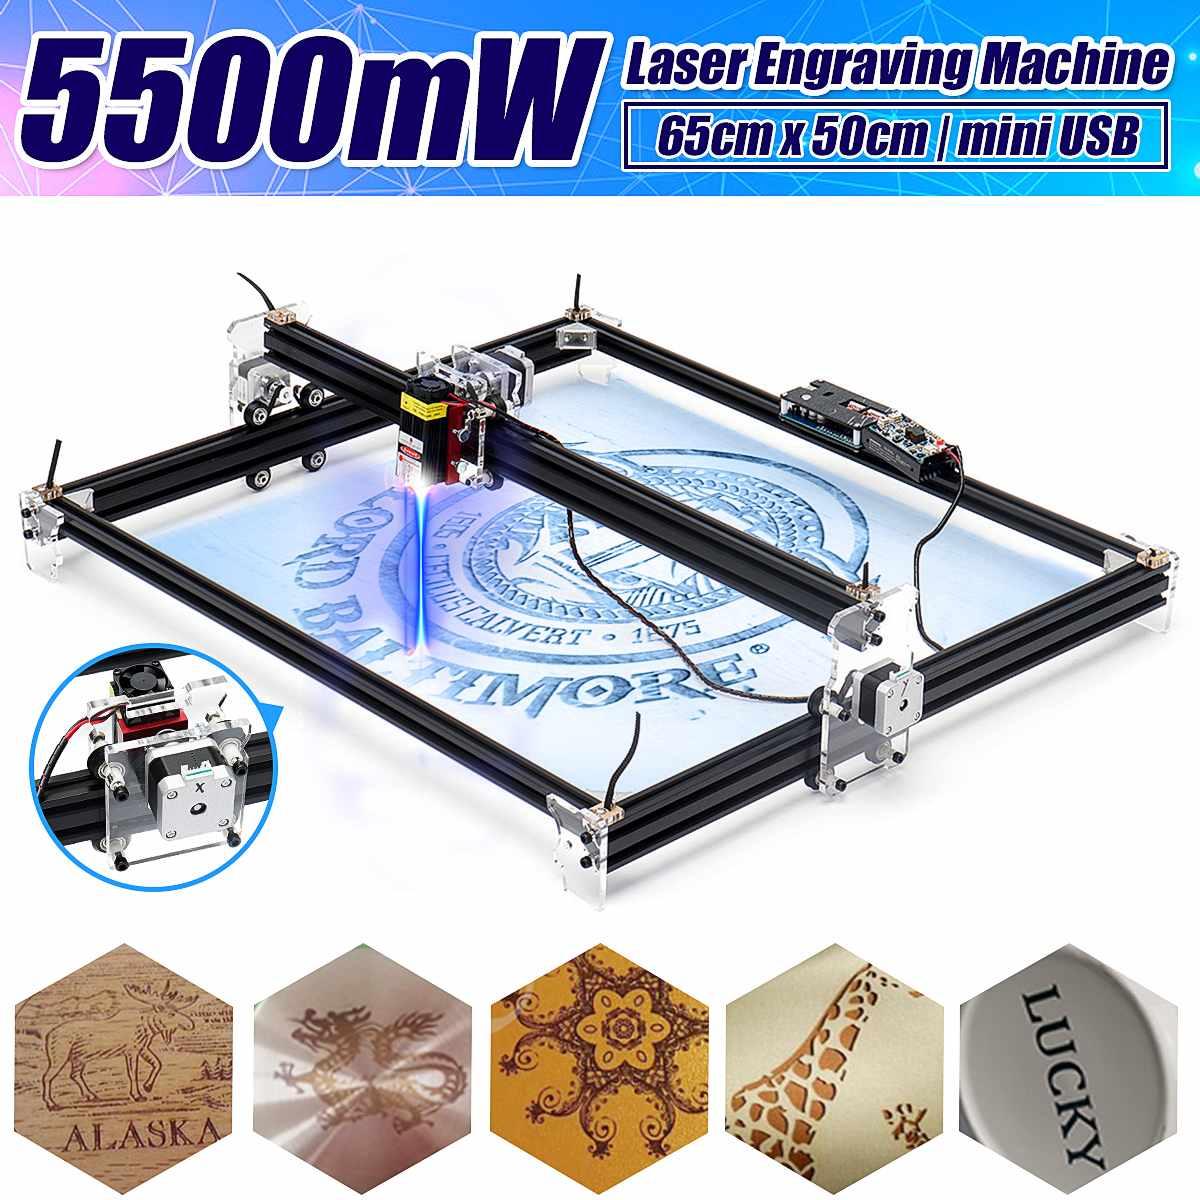 12V Mini 5500mW 65*55cm Azul 2 Eixo DIY Casa Gravador CNC Máquina de Gravura do Laser Desktop router de madeira/Cortador/Ferramenta de Máquina Impressora